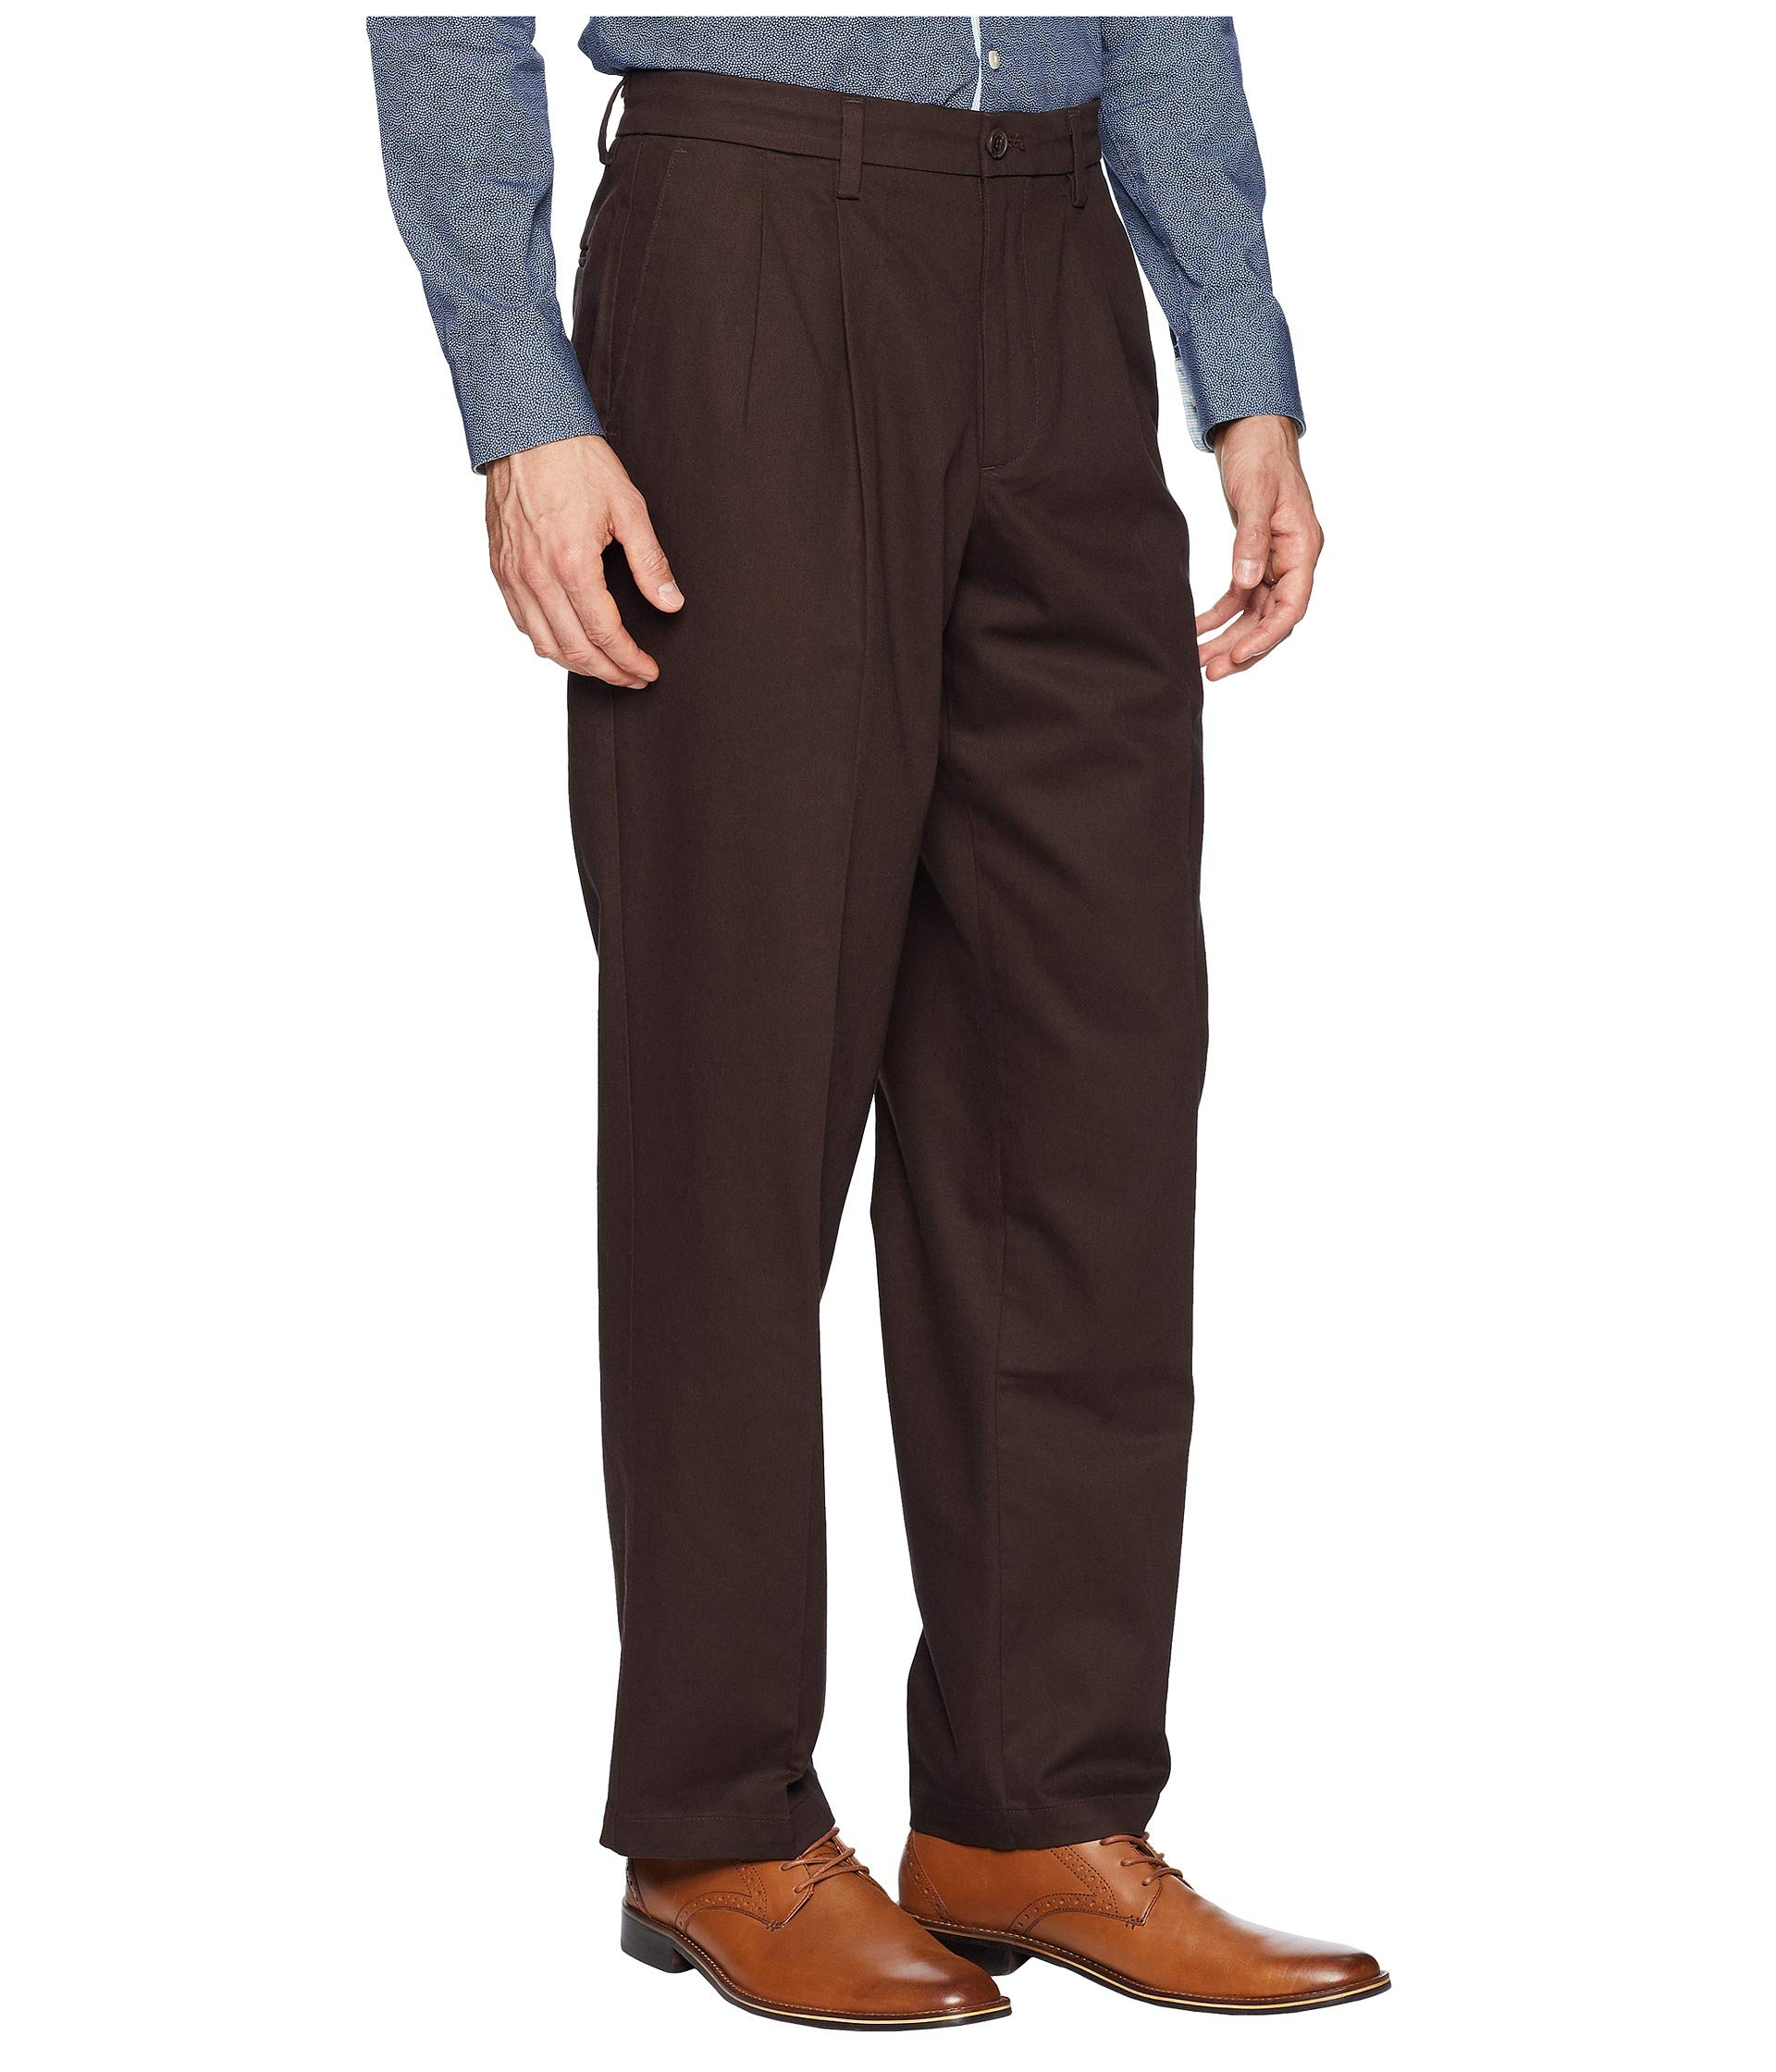 Khaki Fit Signature Pleated Cotton Stretch Lux Dockers D3 Mole Pants Classic 5tCw1Enq